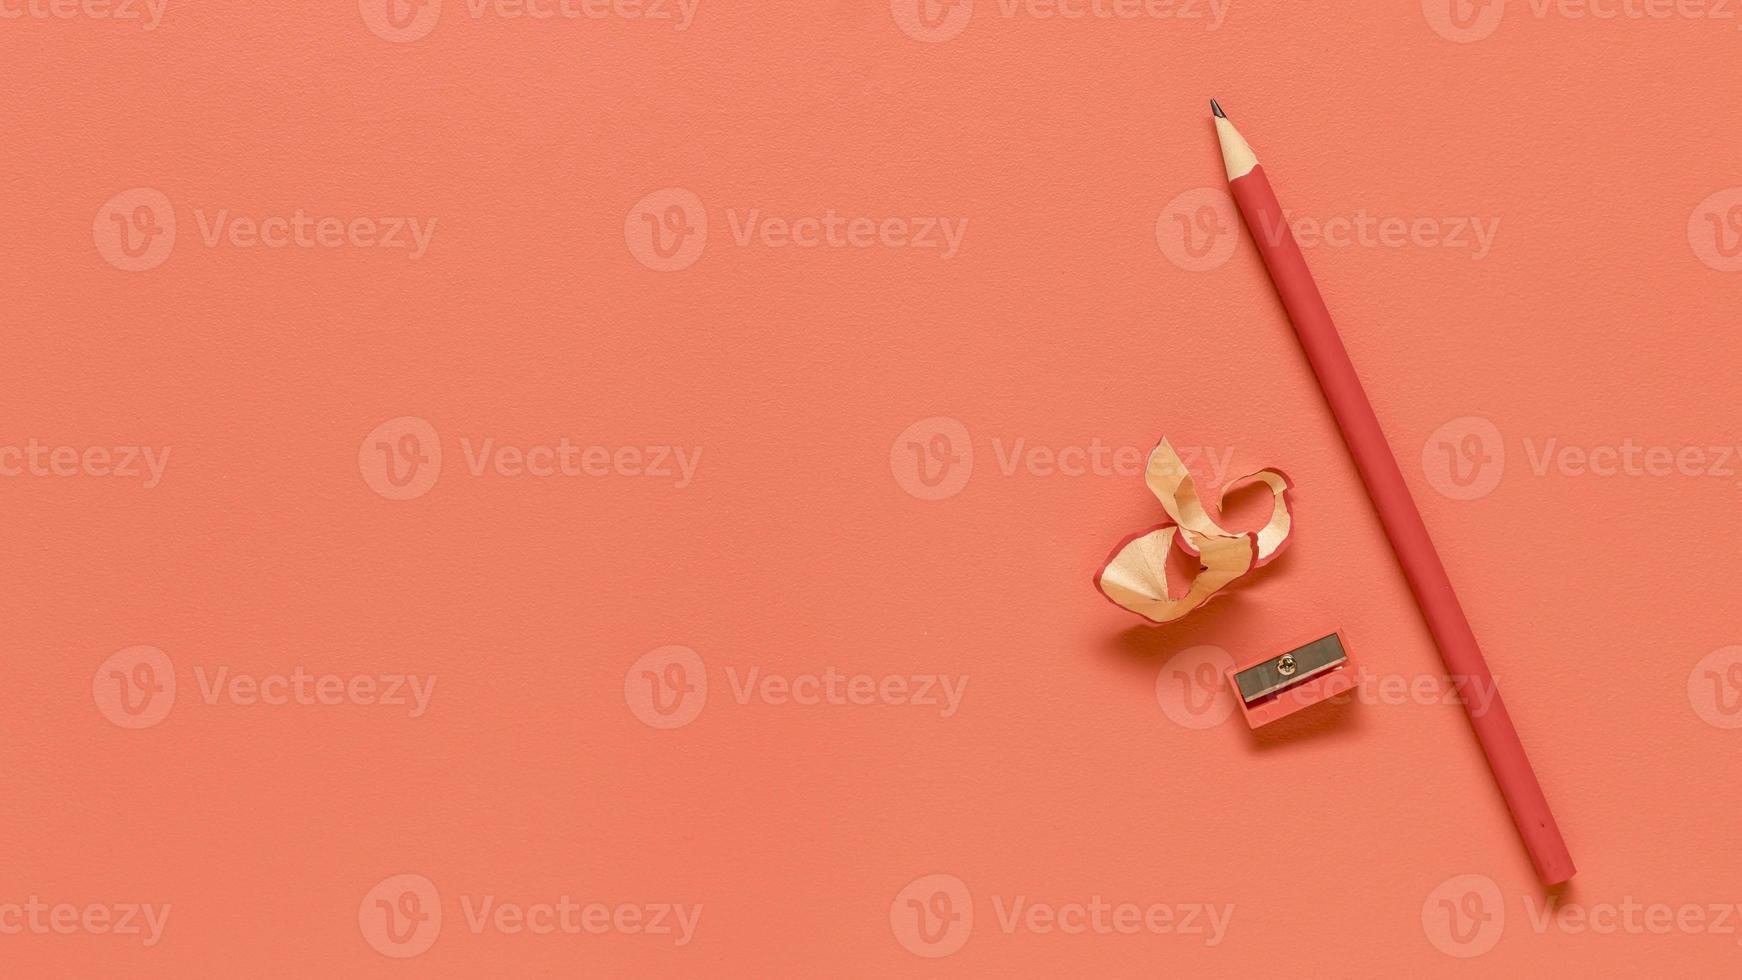 forniture per ufficio rosse su superficie di colore arancione foto